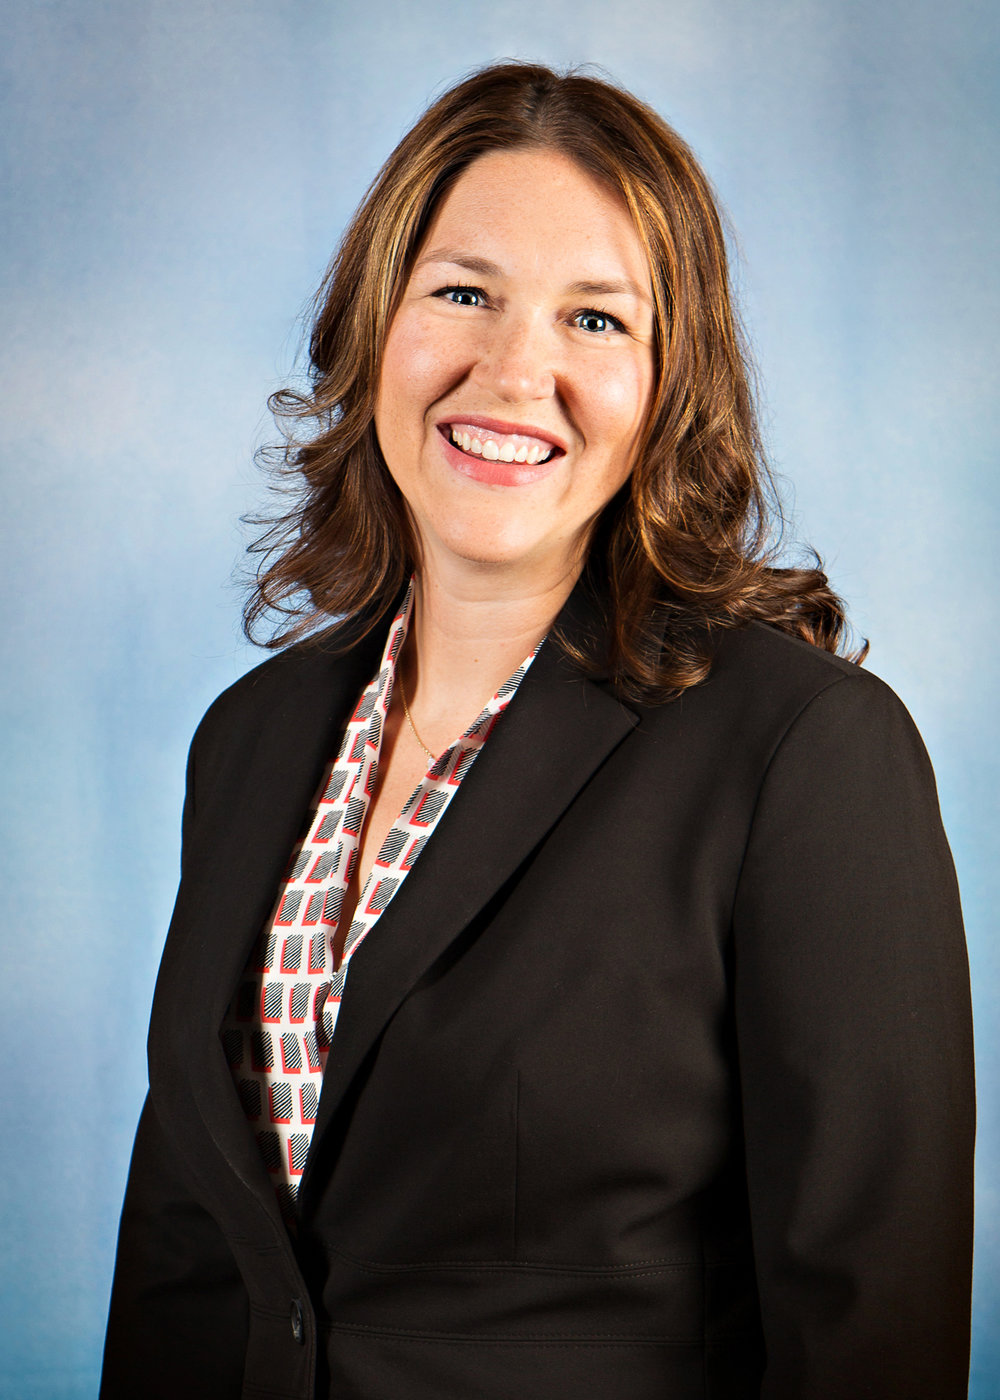 Dr. Gina Jetter